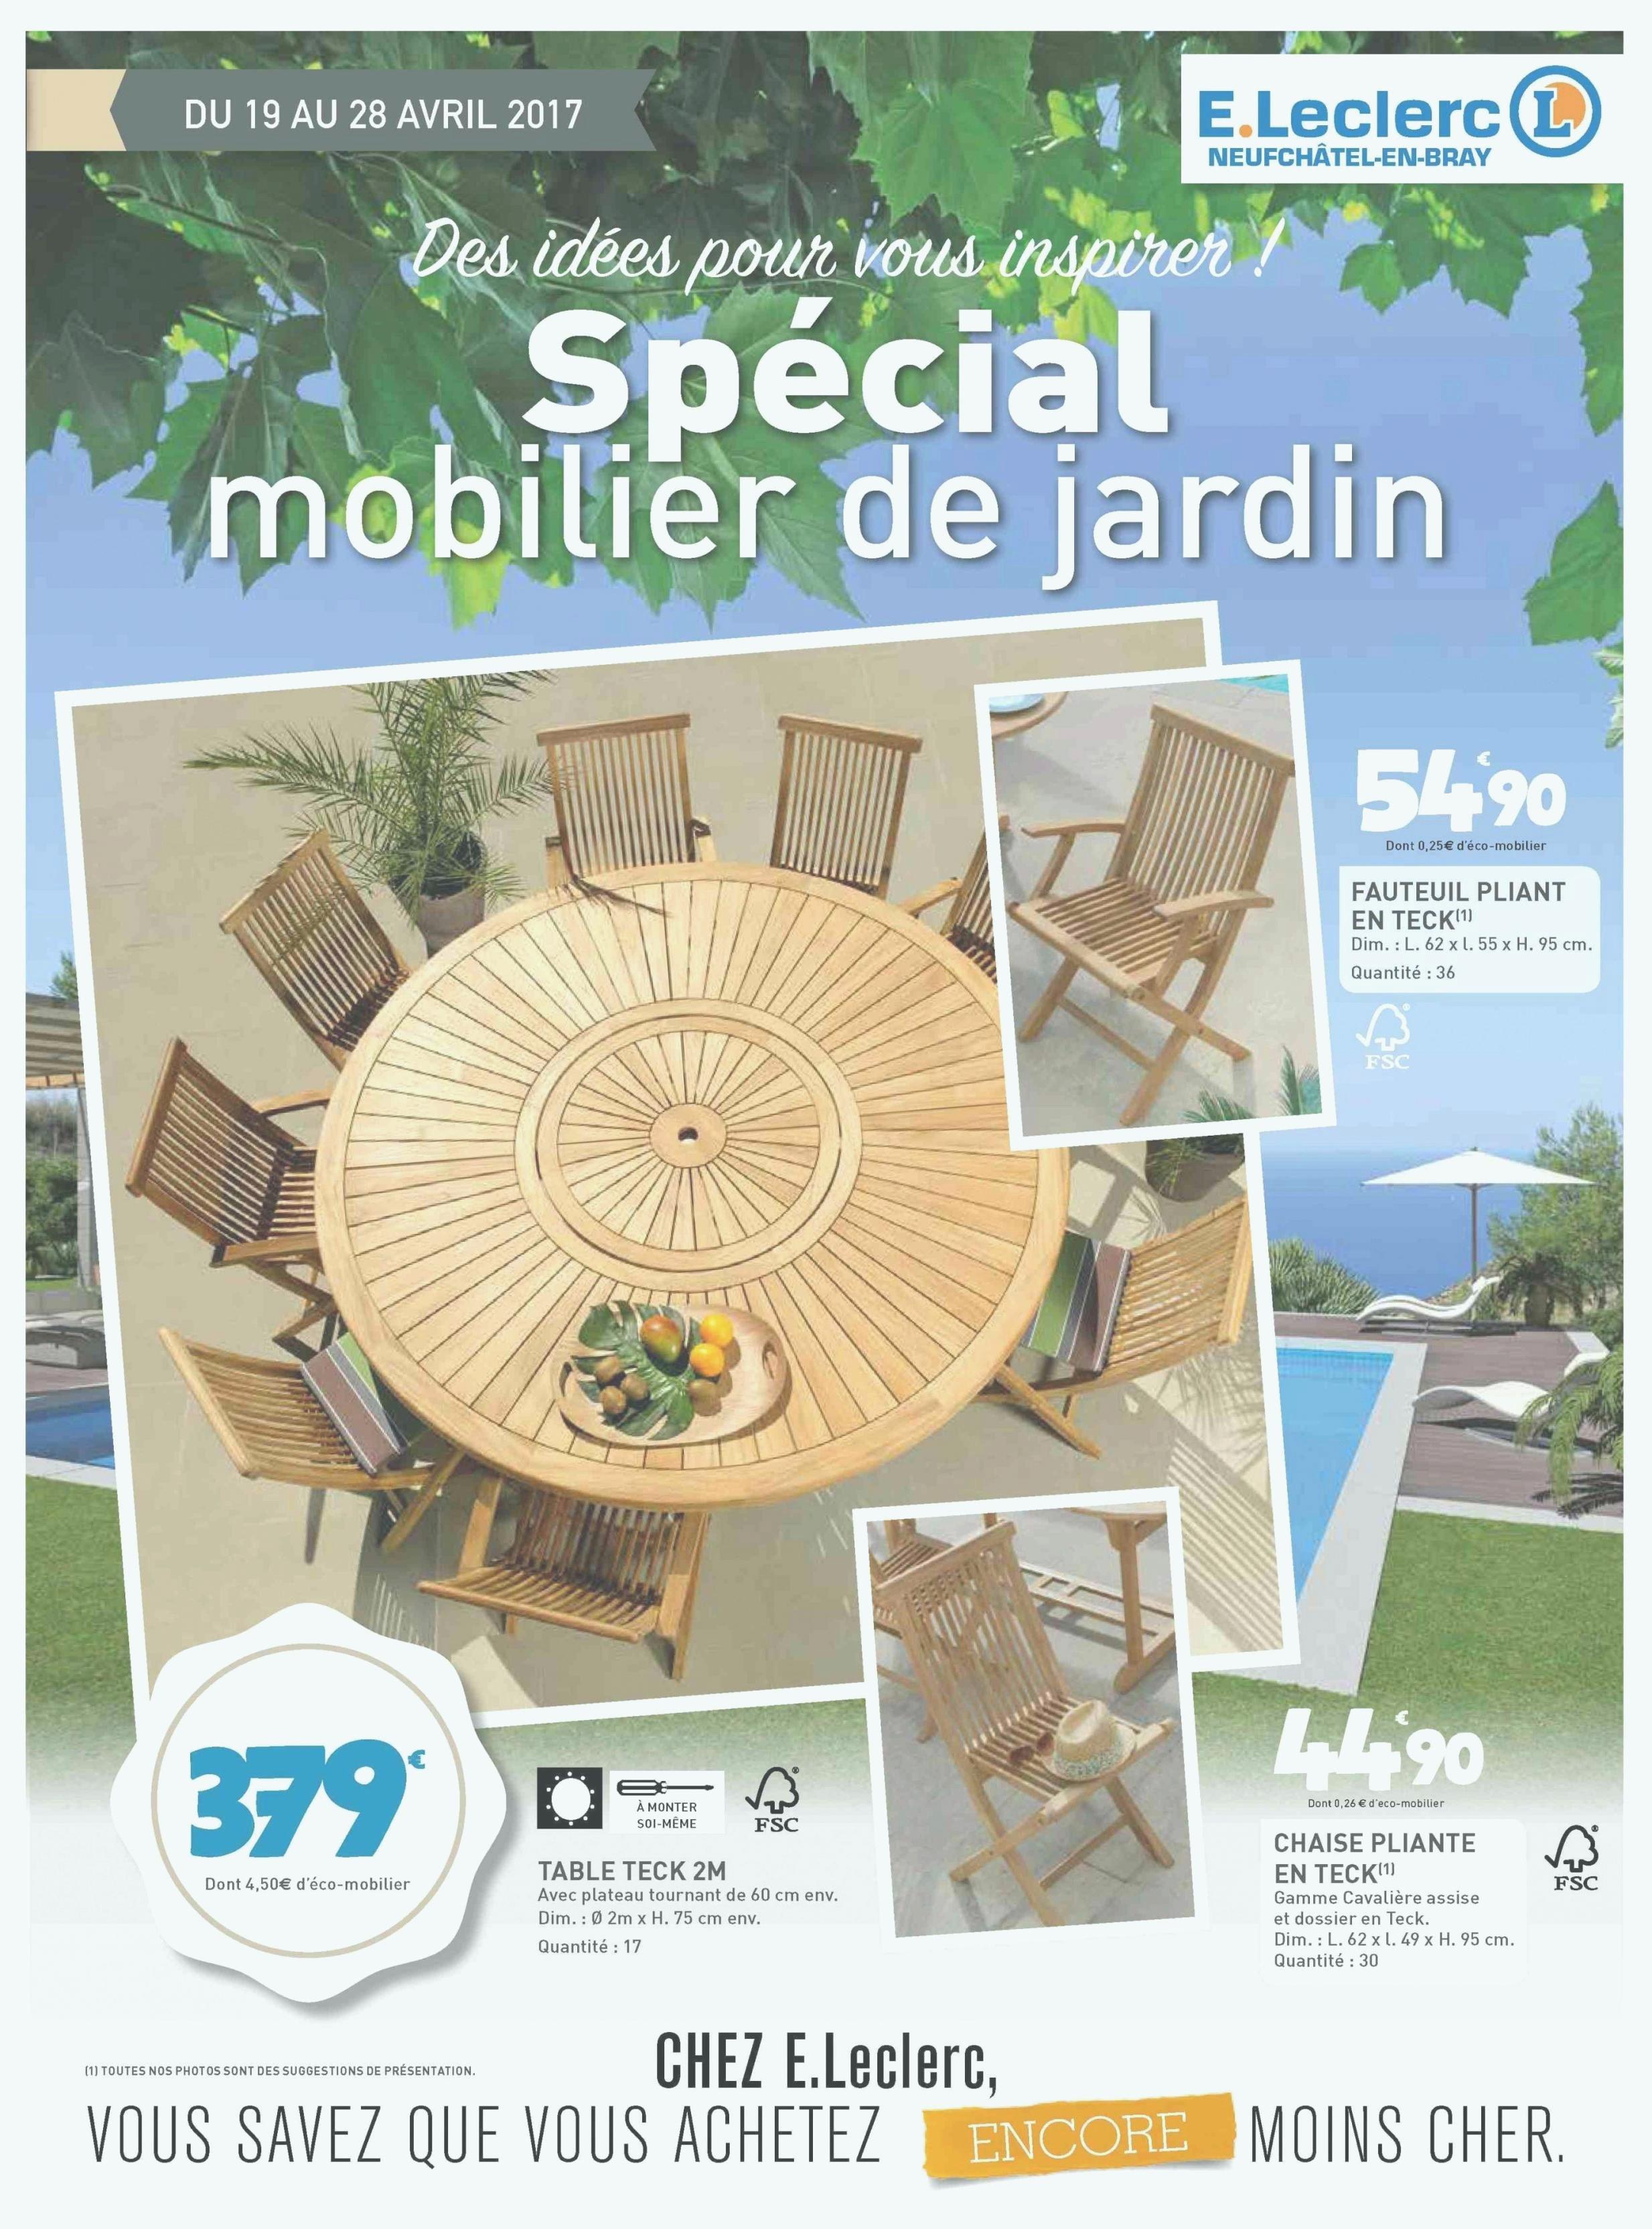 Table Pliante Leclerc Unique Image 52 formidable Concepts De Abri De Jardin Leclerc Pas Cher